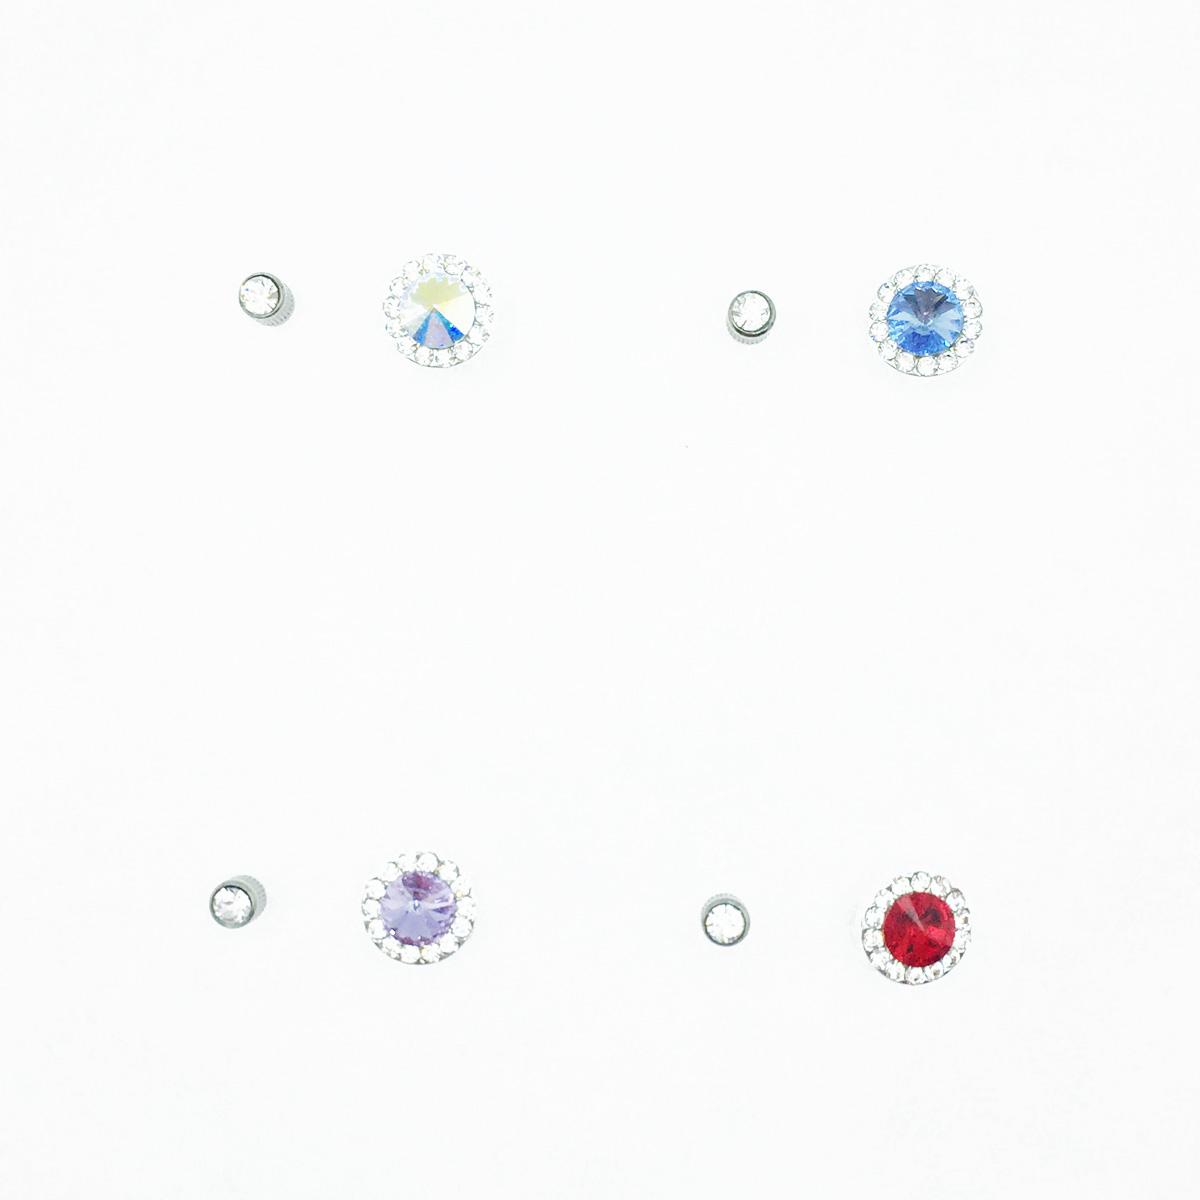 不鏽鋼 圓圈 水鑽 滿版水鑽 基本款 後轉式耳環